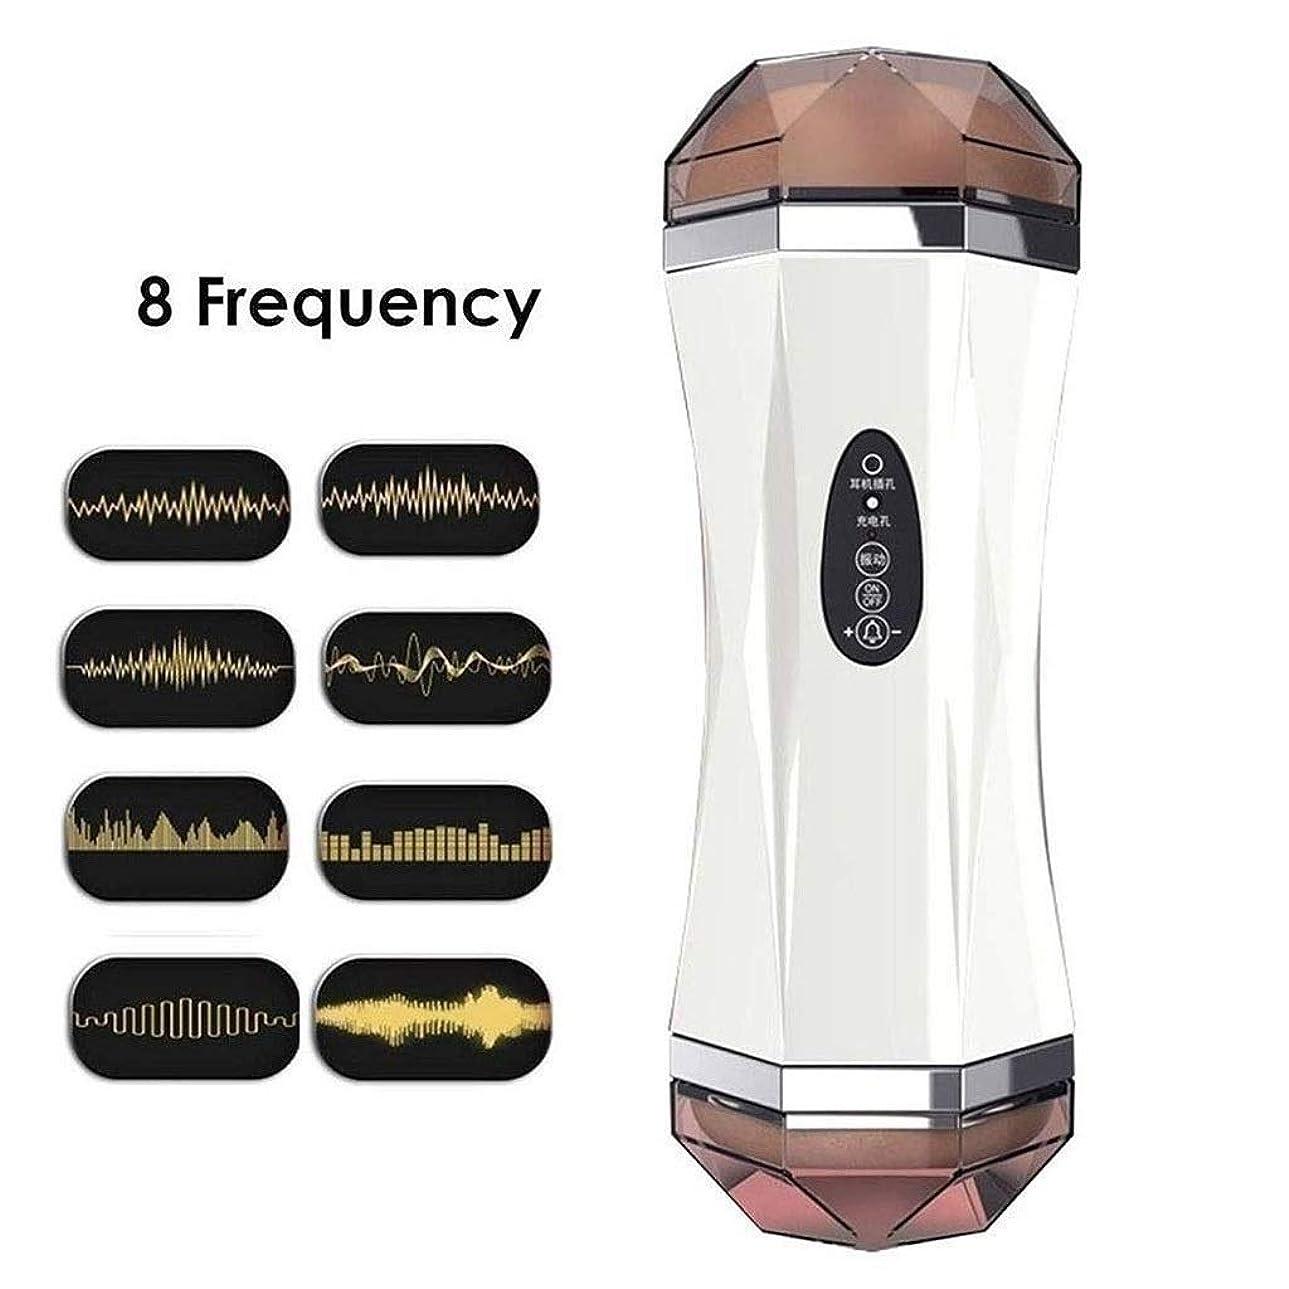 感情ライラック苛性男性遅延トレーナー吸いマッサージャーUSB 8周波振動と音声対話電子マッサージカッププライベートな包装と充電